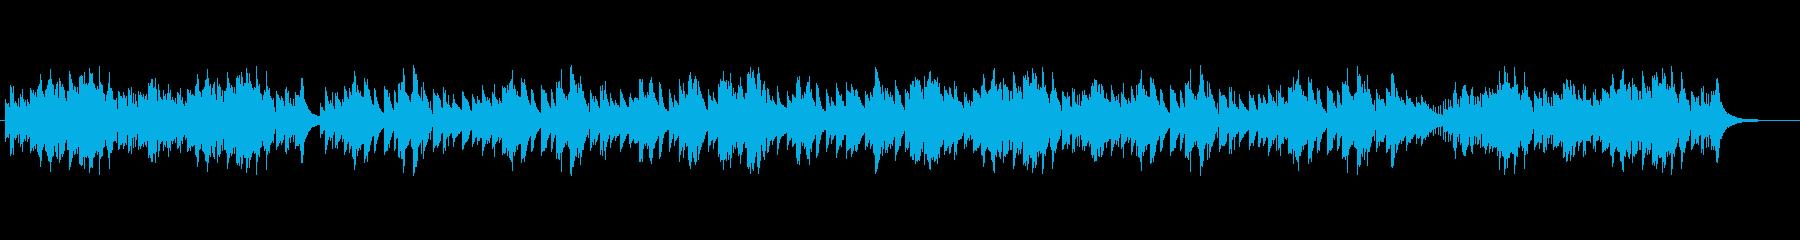 可愛らしくアップテンポなオルゴール曲の再生済みの波形